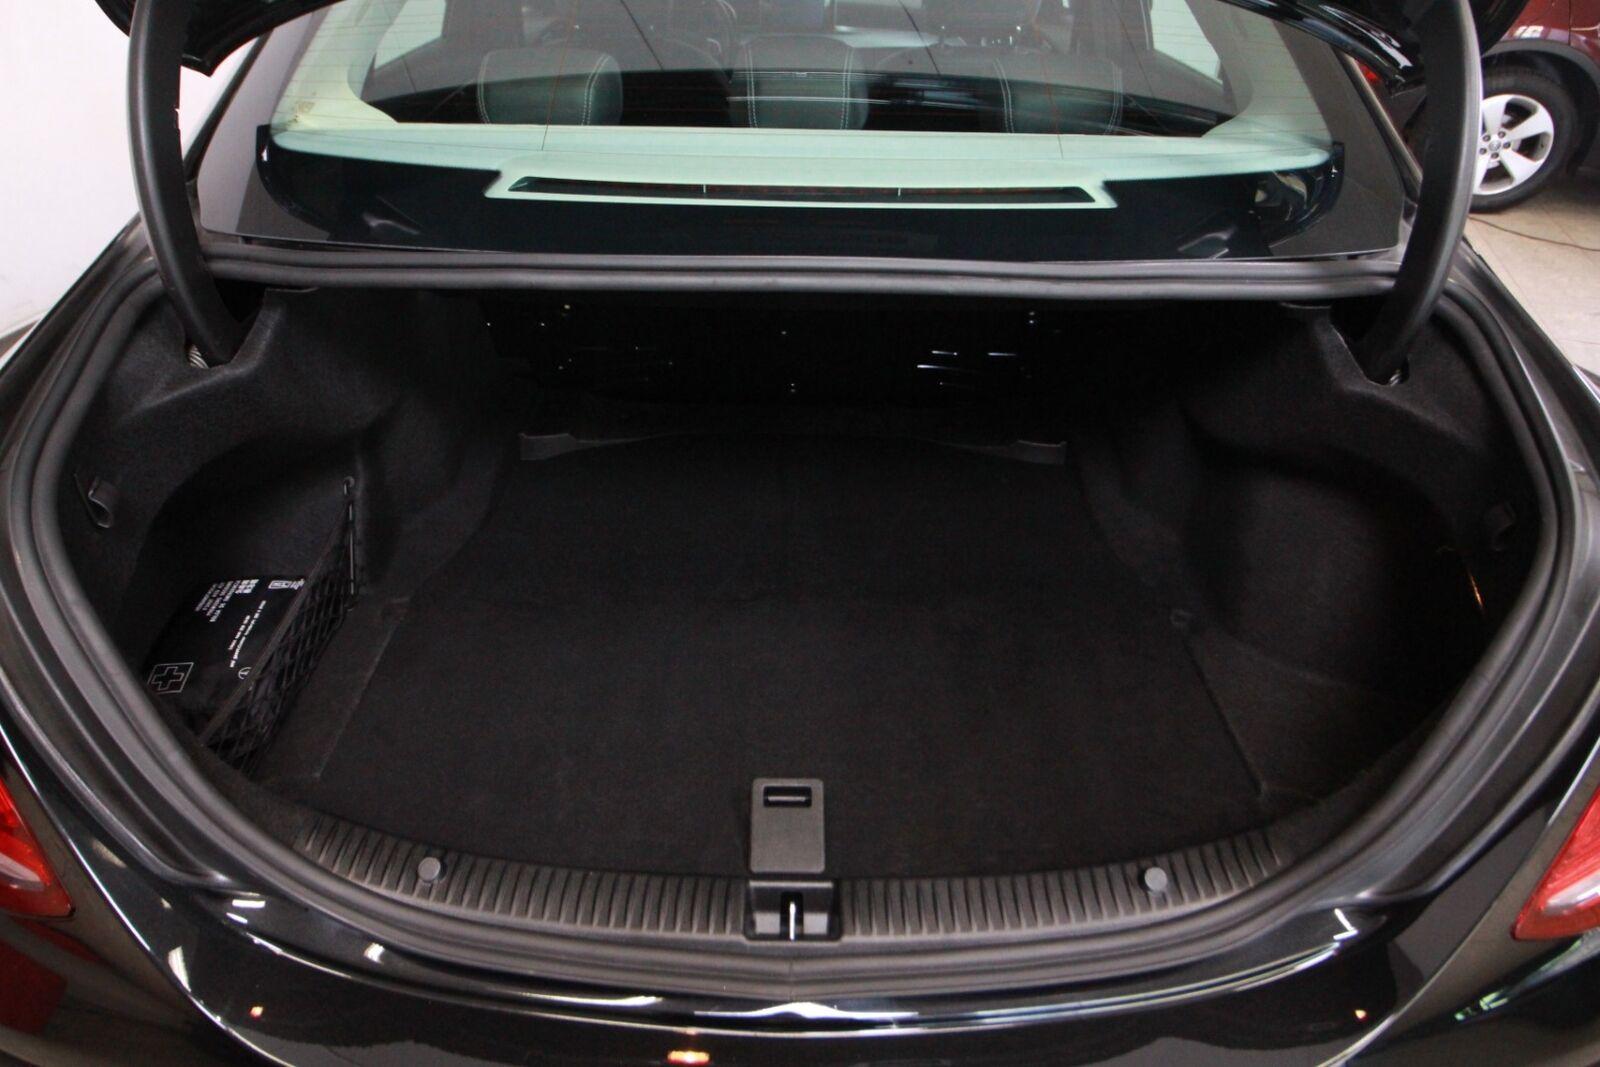 Mercedes C200 2018